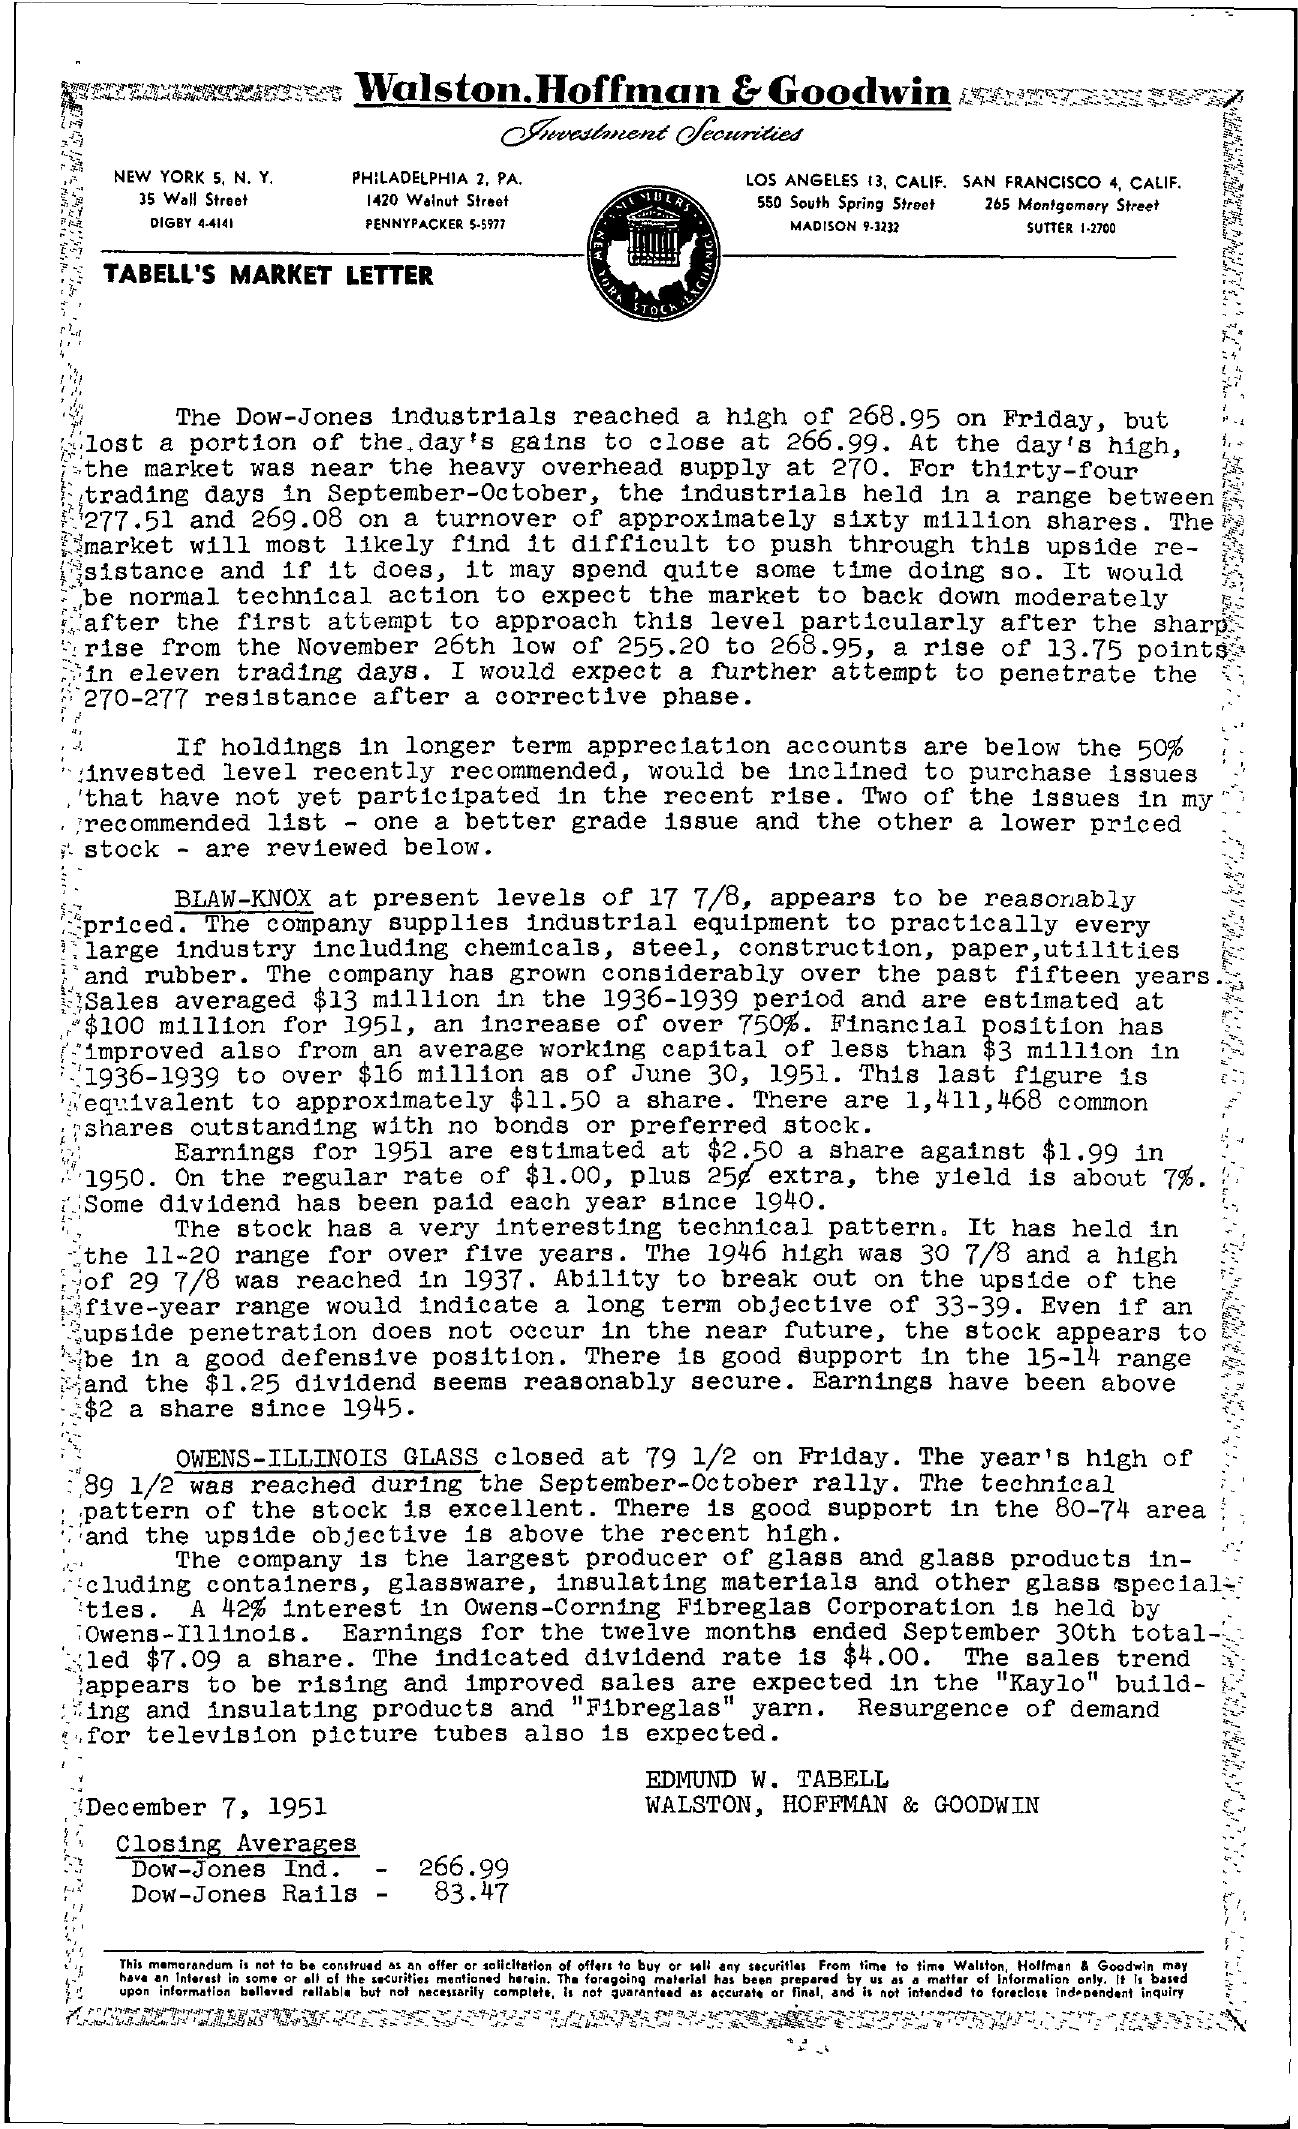 Tabell's Market Letter - December 07, 1951